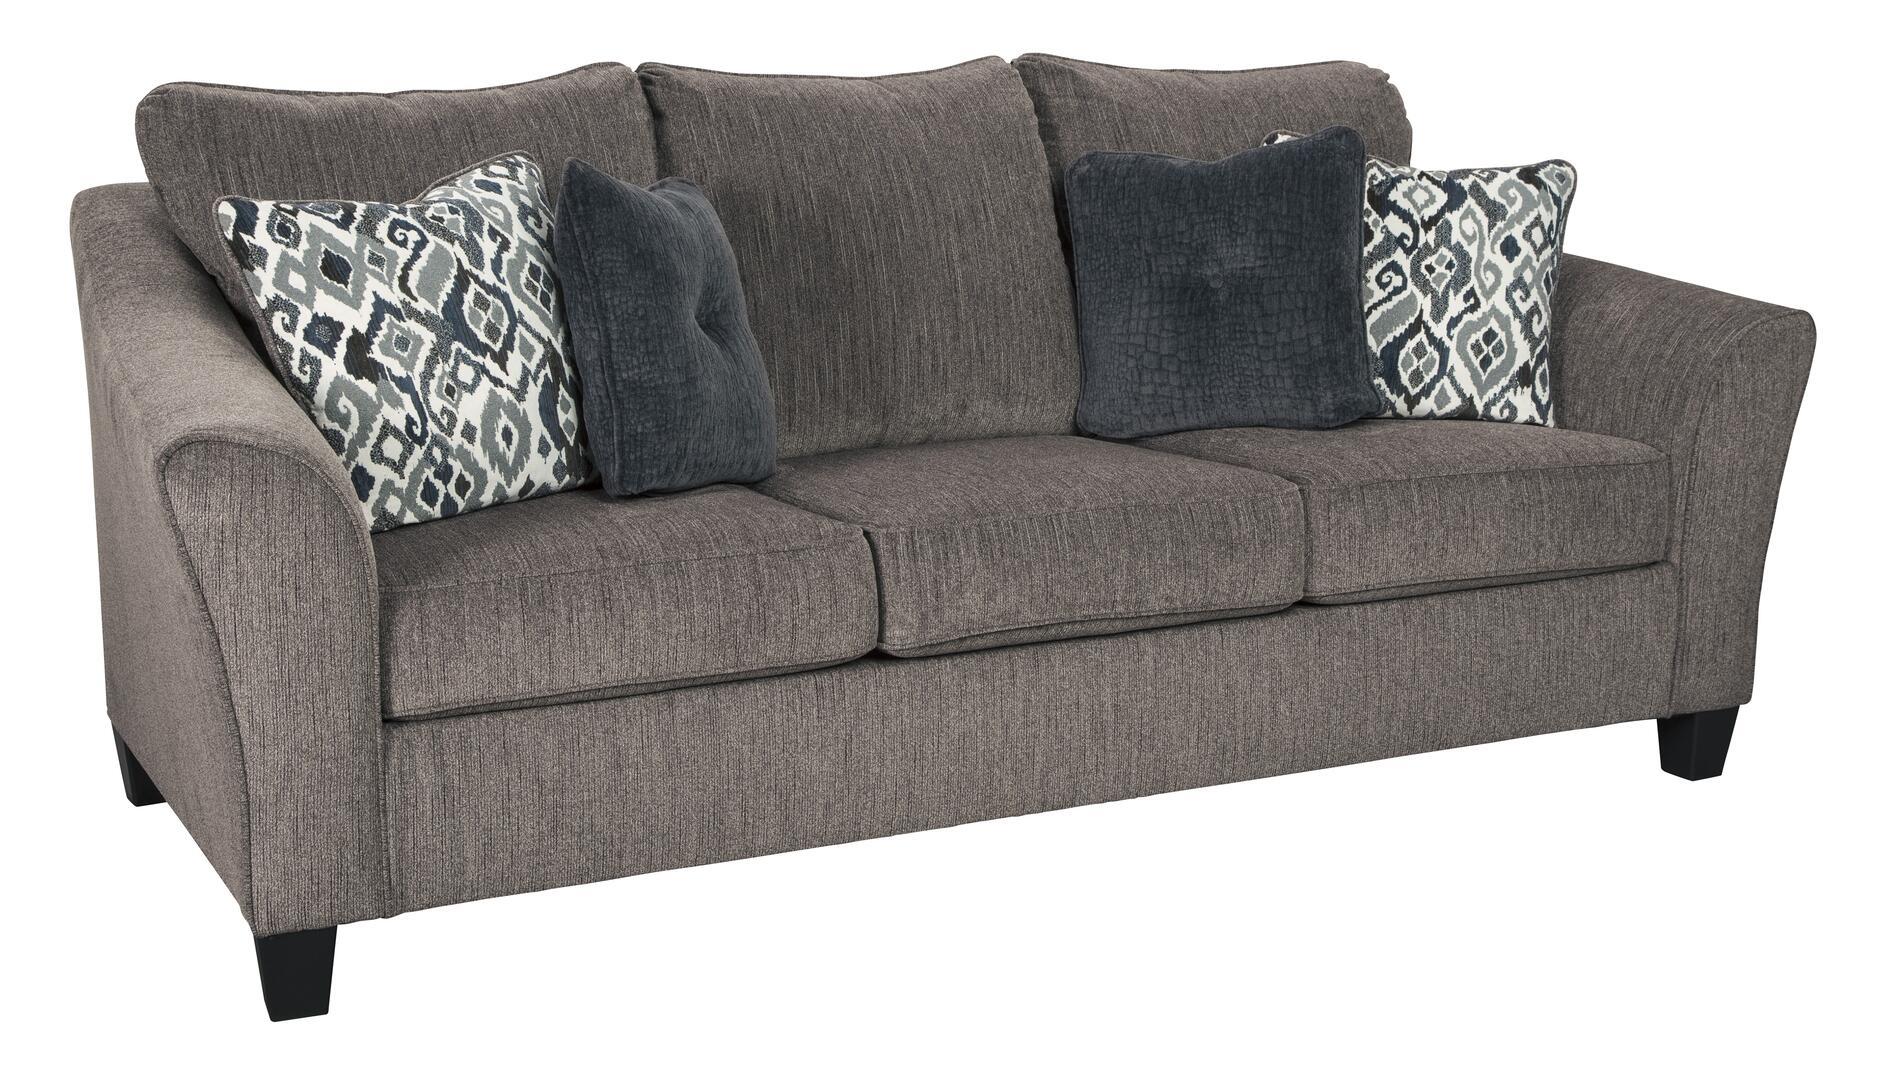 Stupendous Signature Design By Ashley 4580638 Creativecarmelina Interior Chair Design Creativecarmelinacom